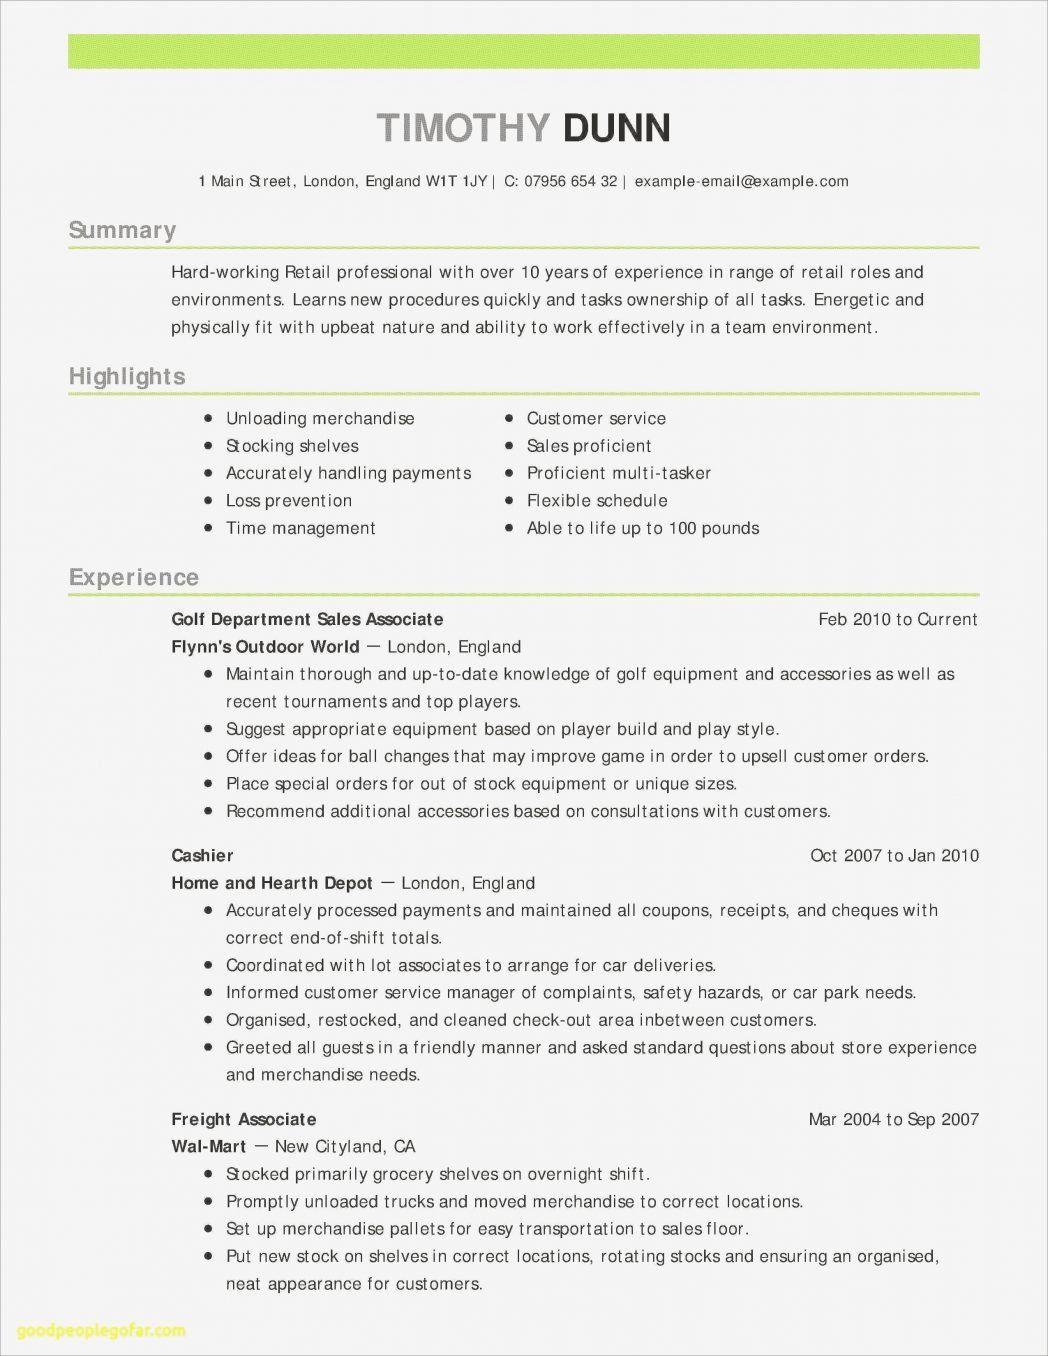 Examples Of A Resume 1 Robert Newswriter 1 Job Resume Examples Resume Examples Good Resume Examples